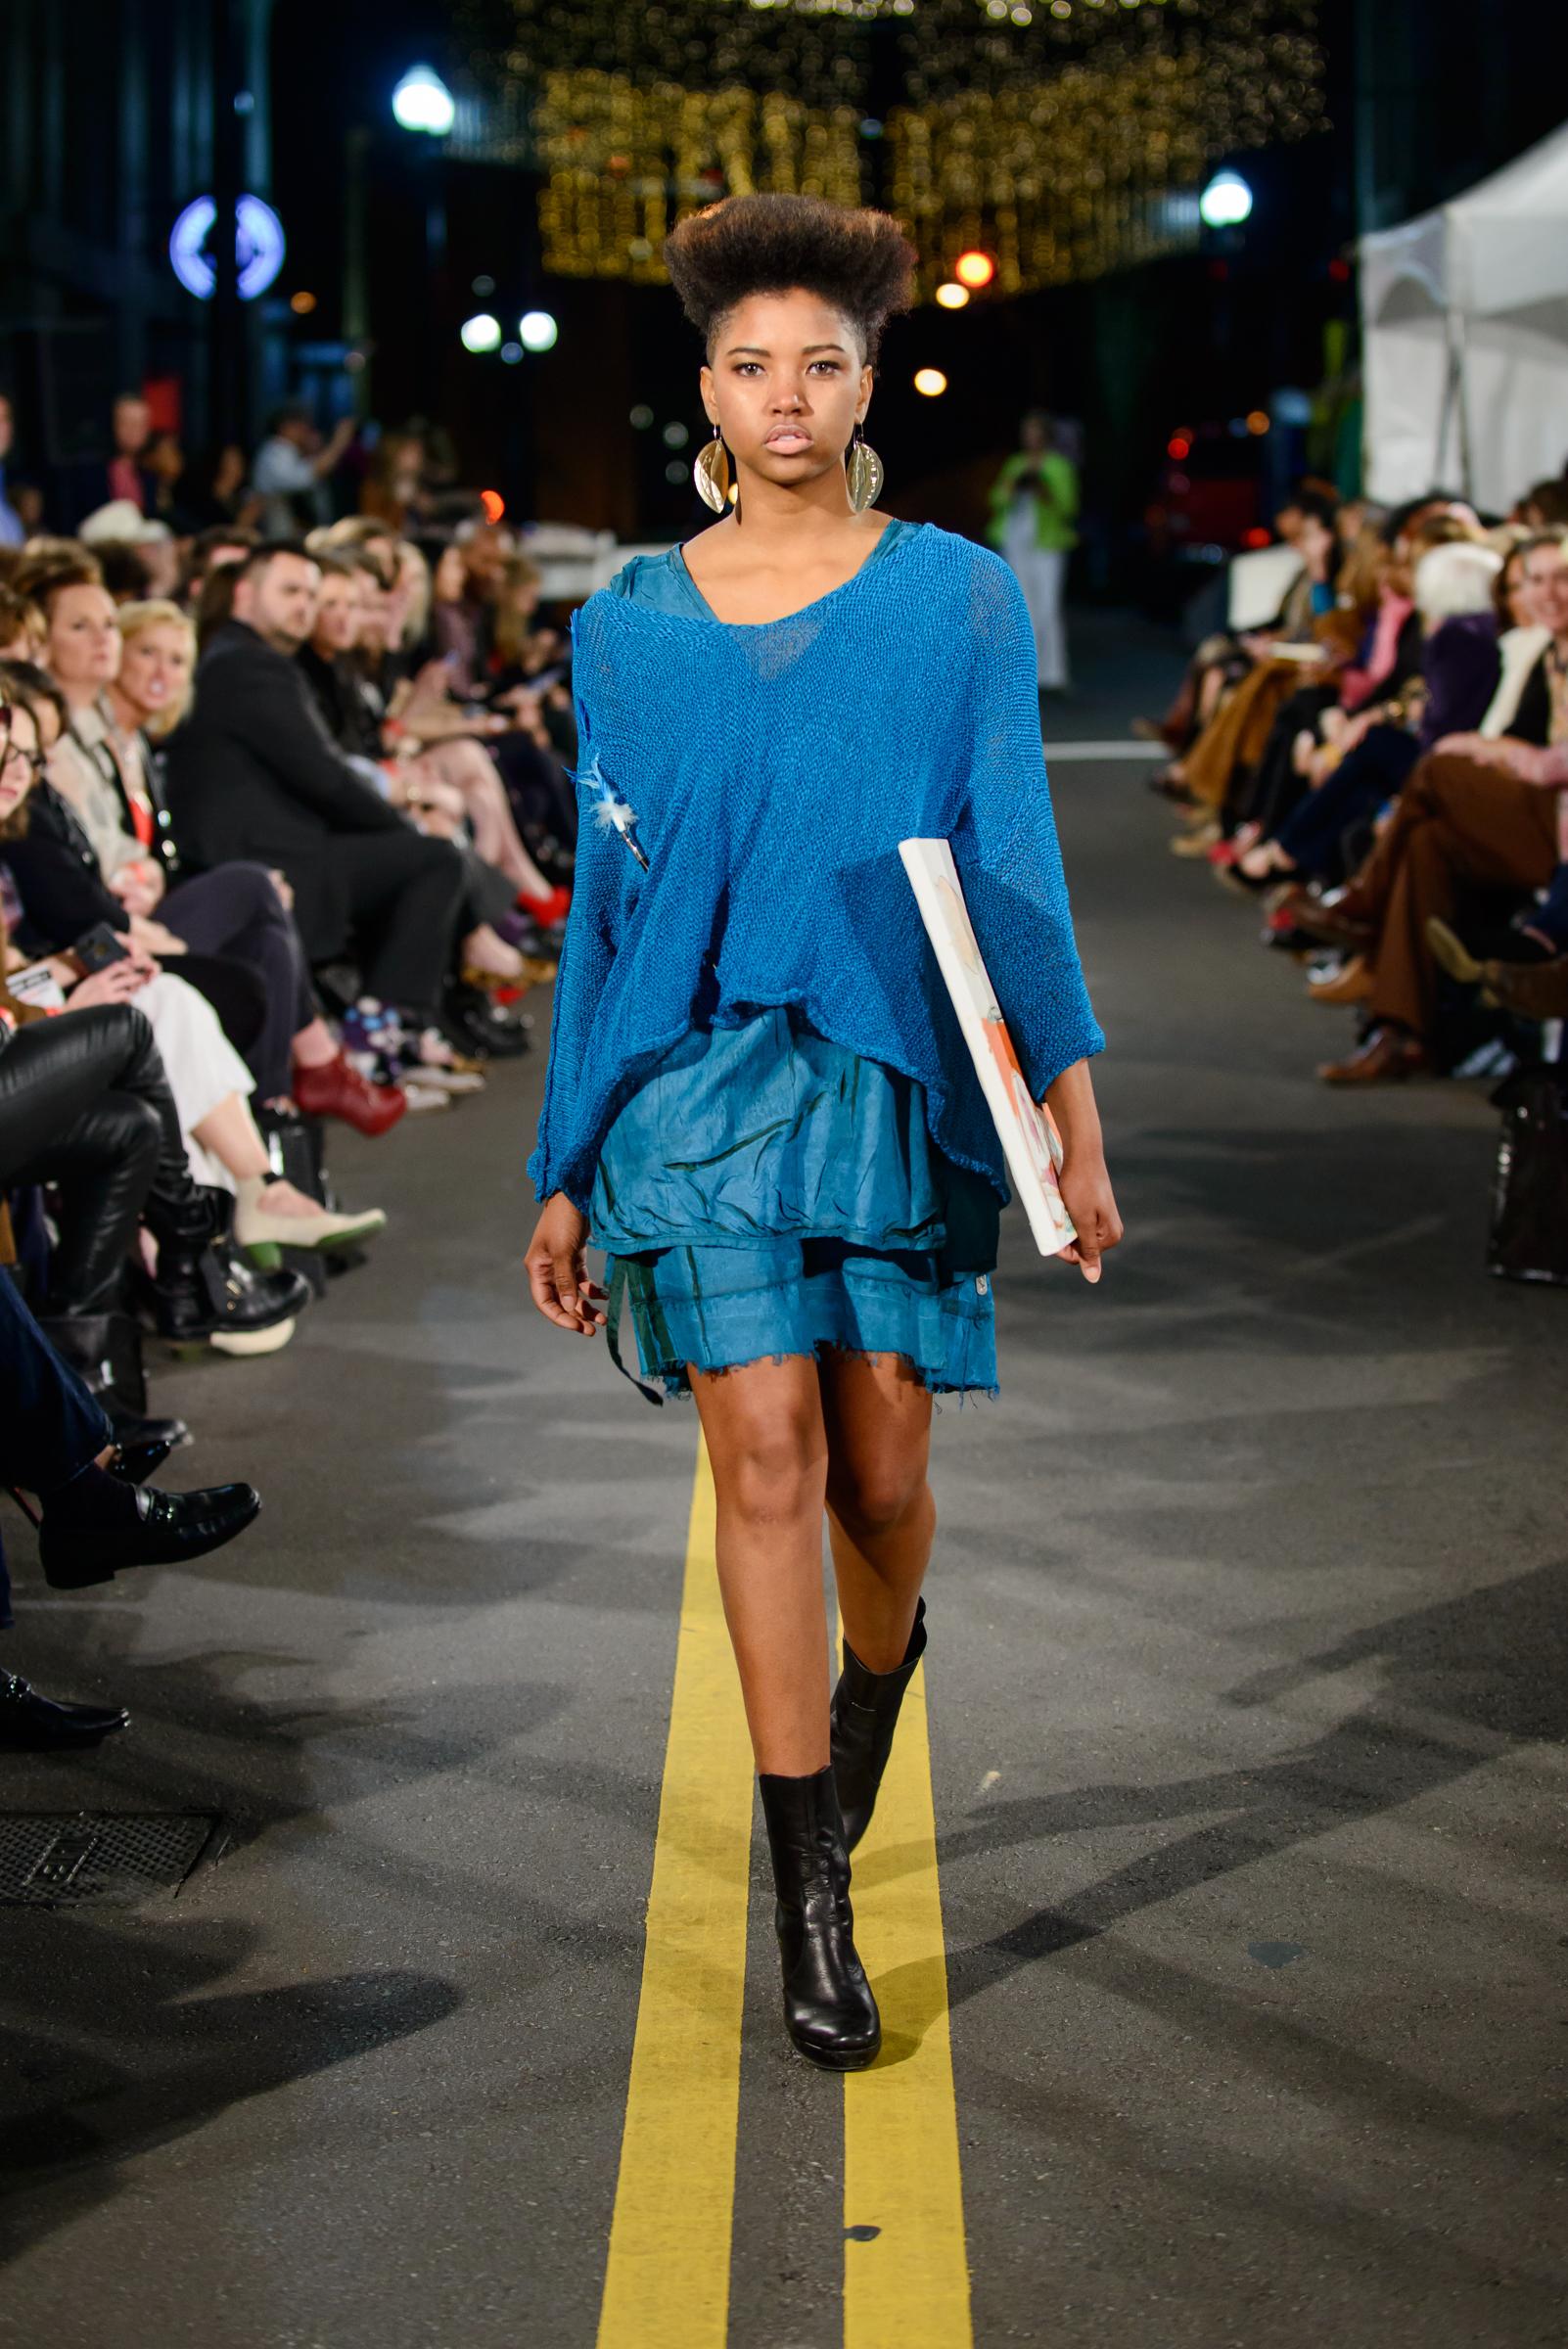 Image courtesy of  Verve Studios  Tony Hayes and  Nashville Fashion Week